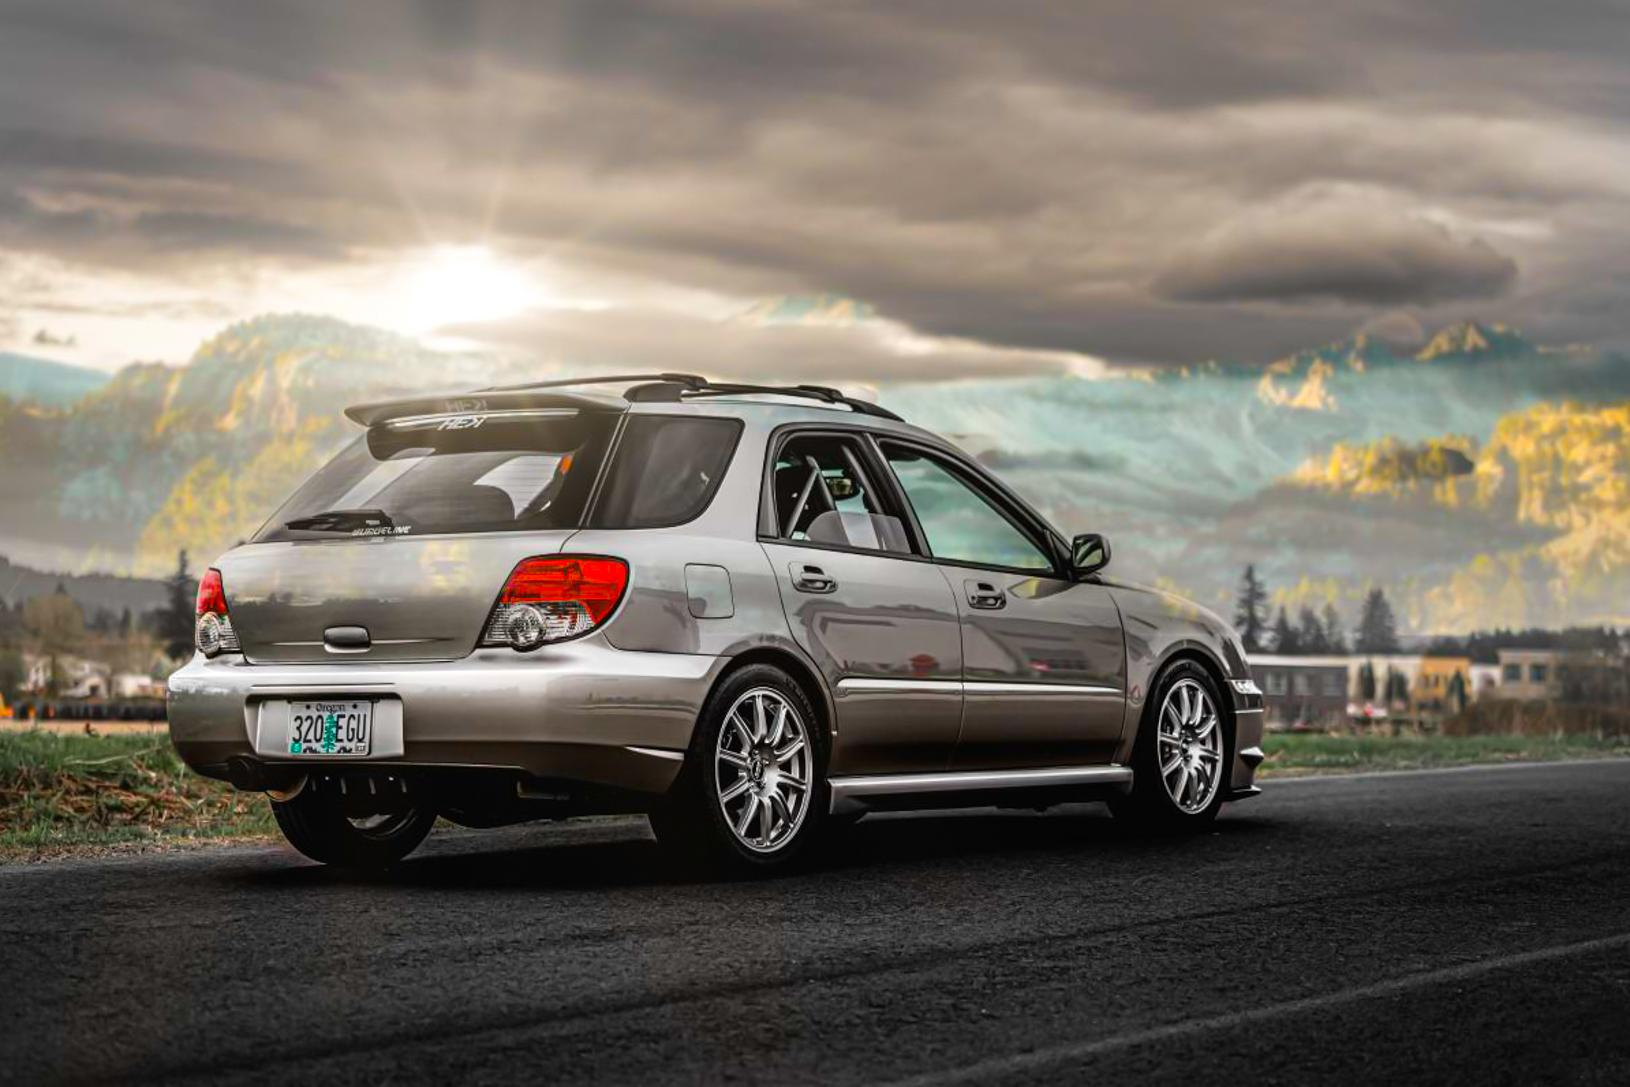 2005 Subaru WRX 'STi Swap'